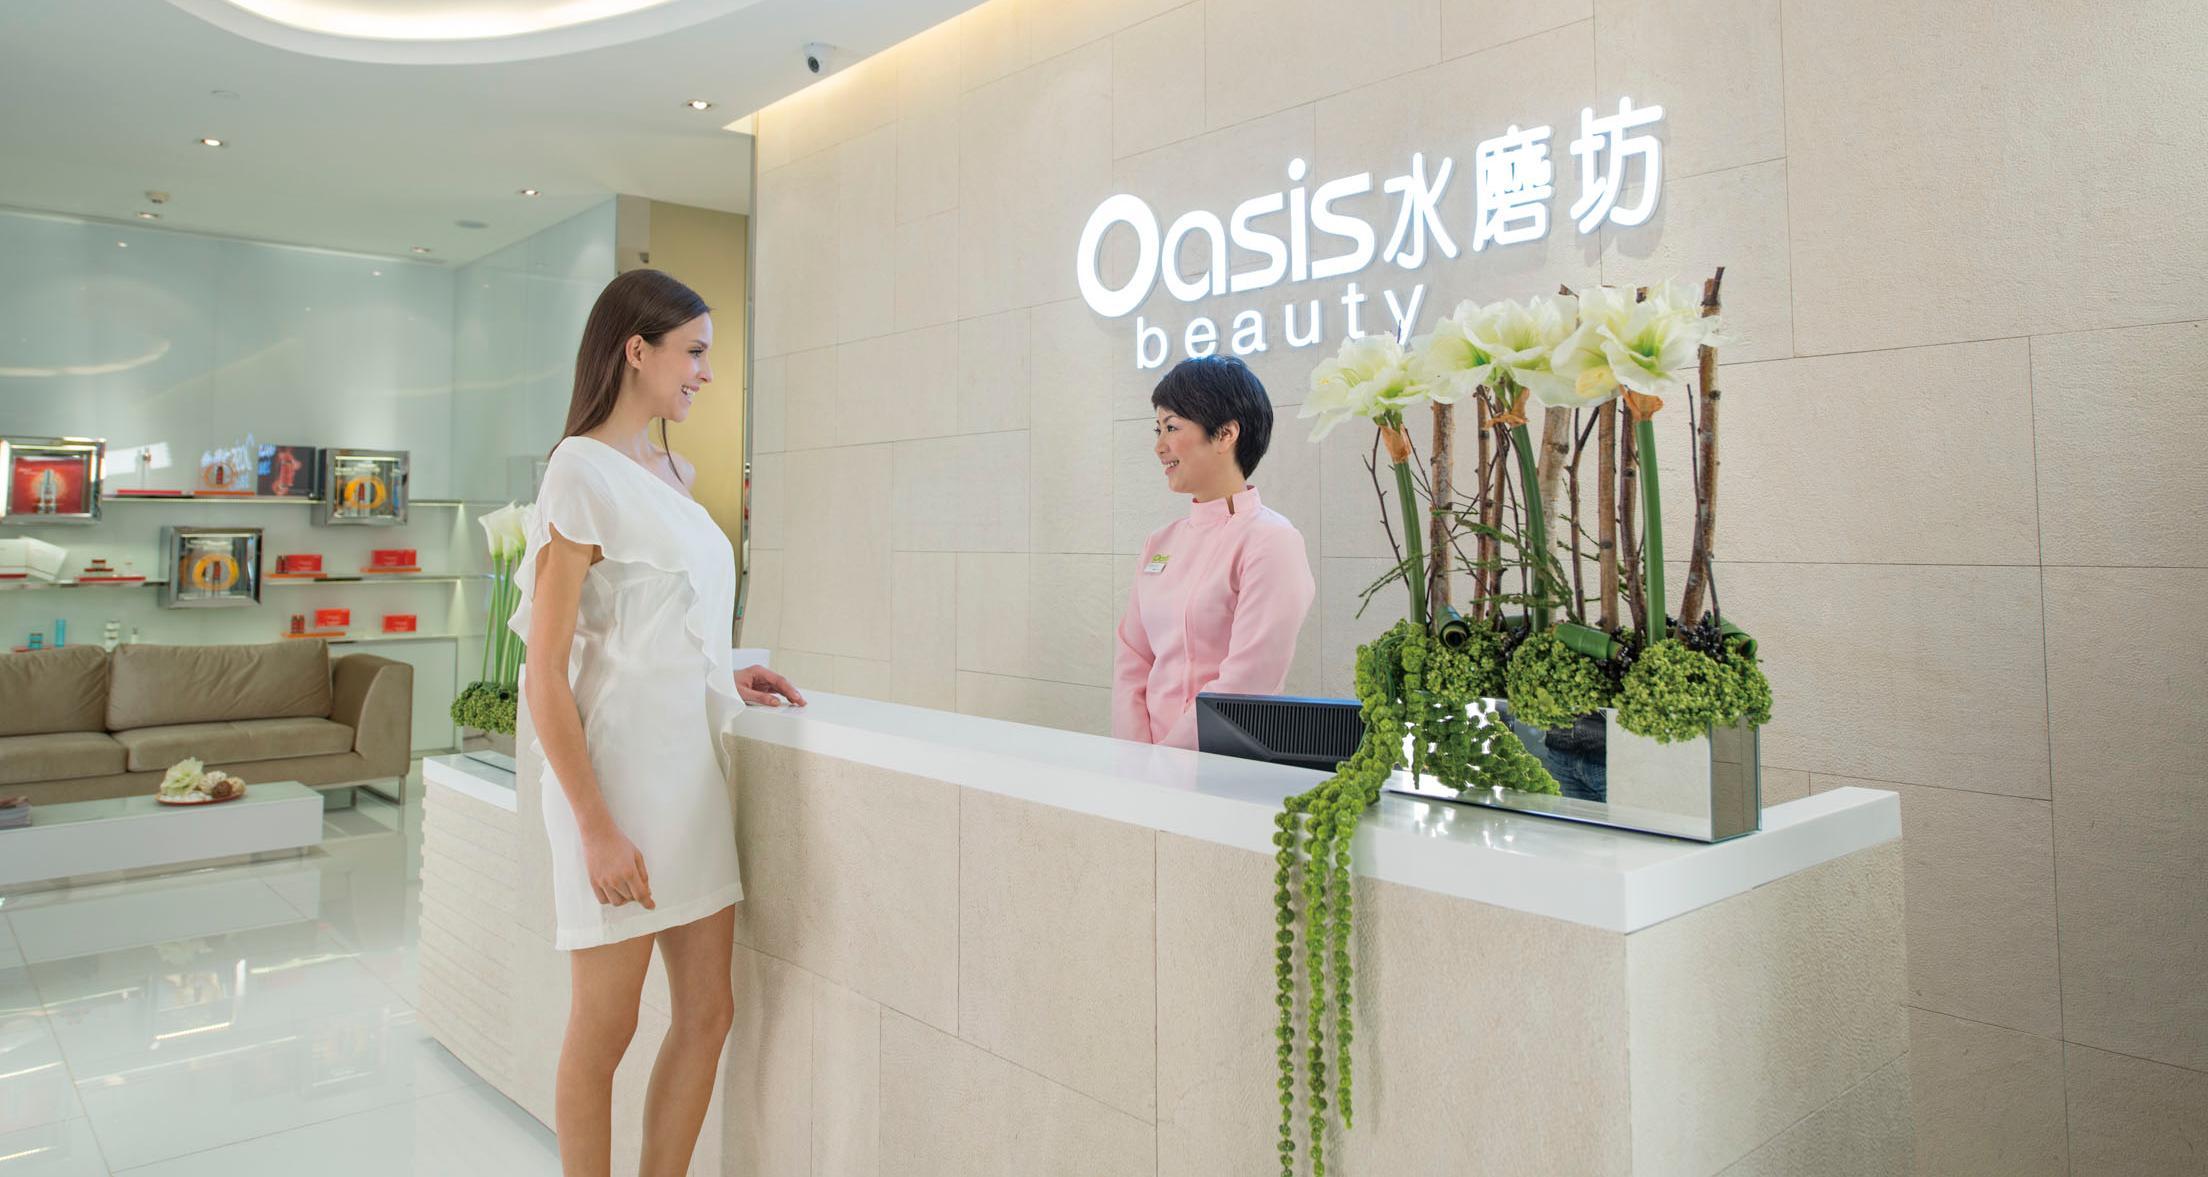 Oasis Beauty水磨坊美容中心(西单店)